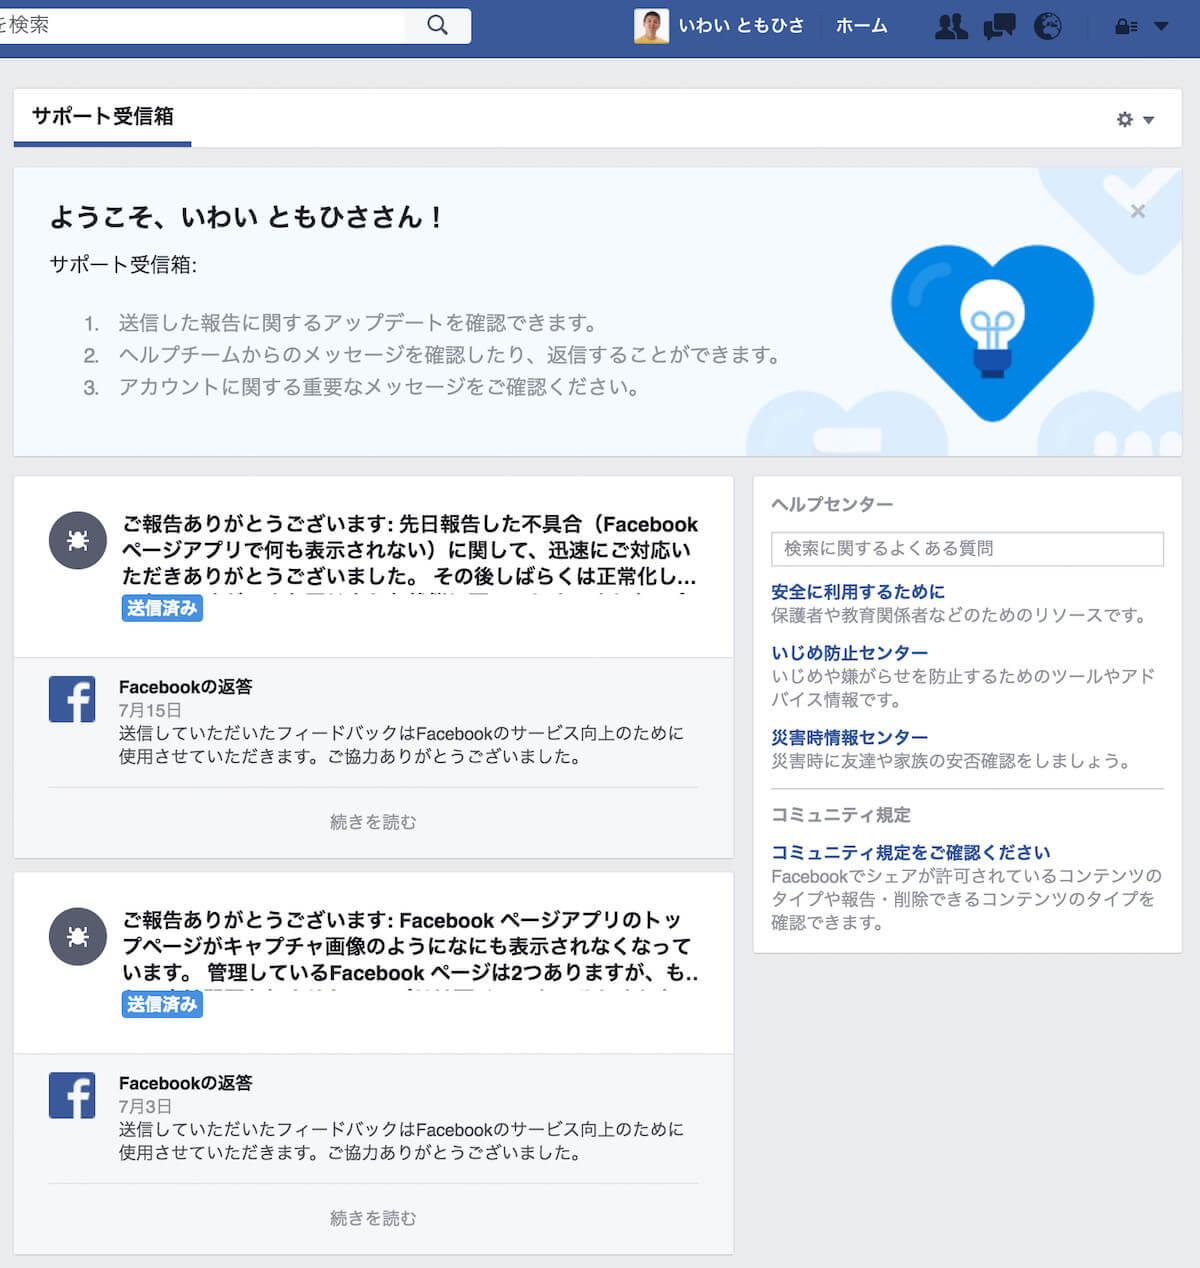 Facebookのサポートは返事はないが対応は迅速だった